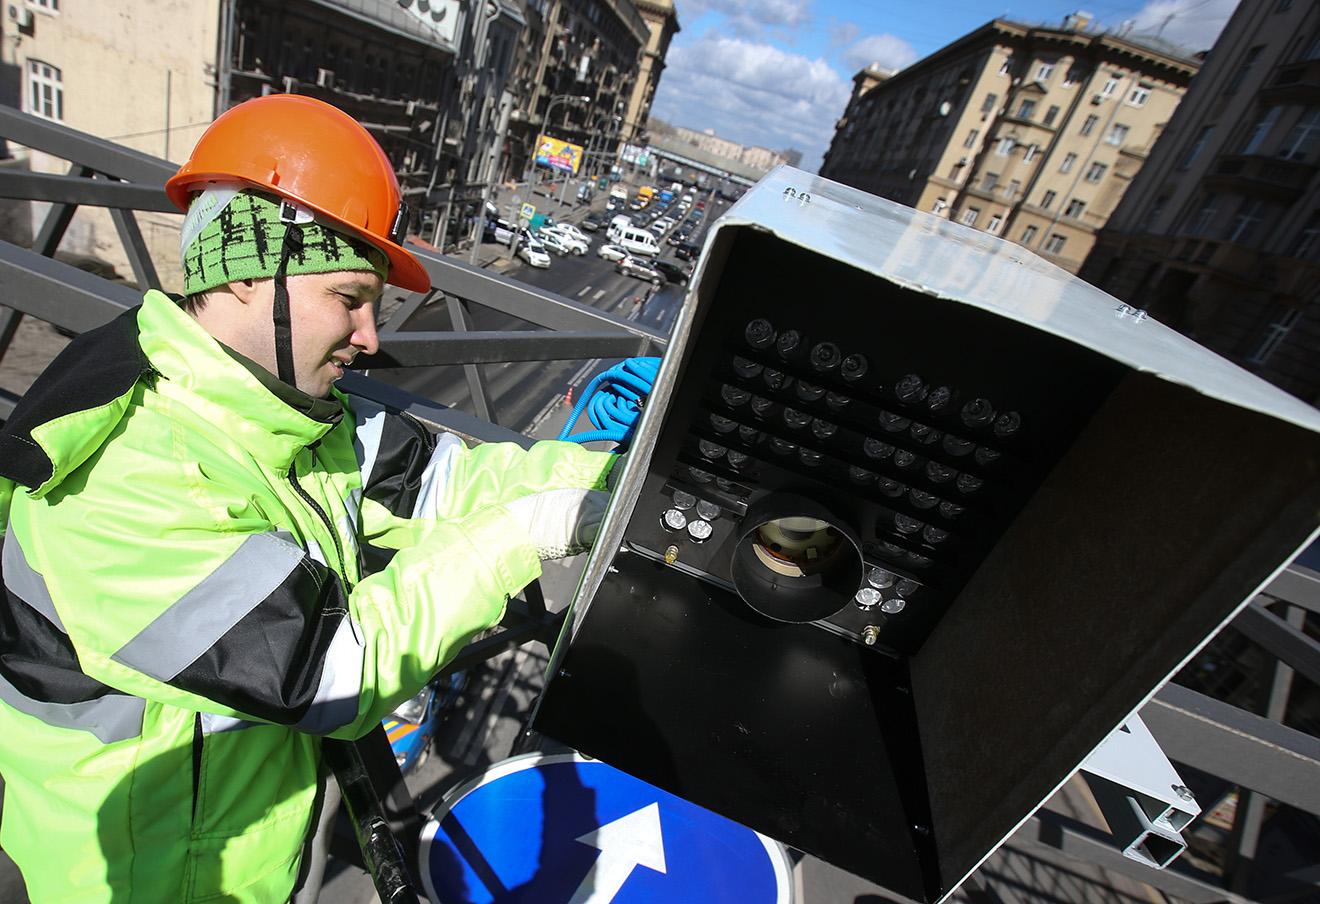 Установка камеры фотовидеофиксации нарушений правил дорожного движения на проспекте Мира в Москве.